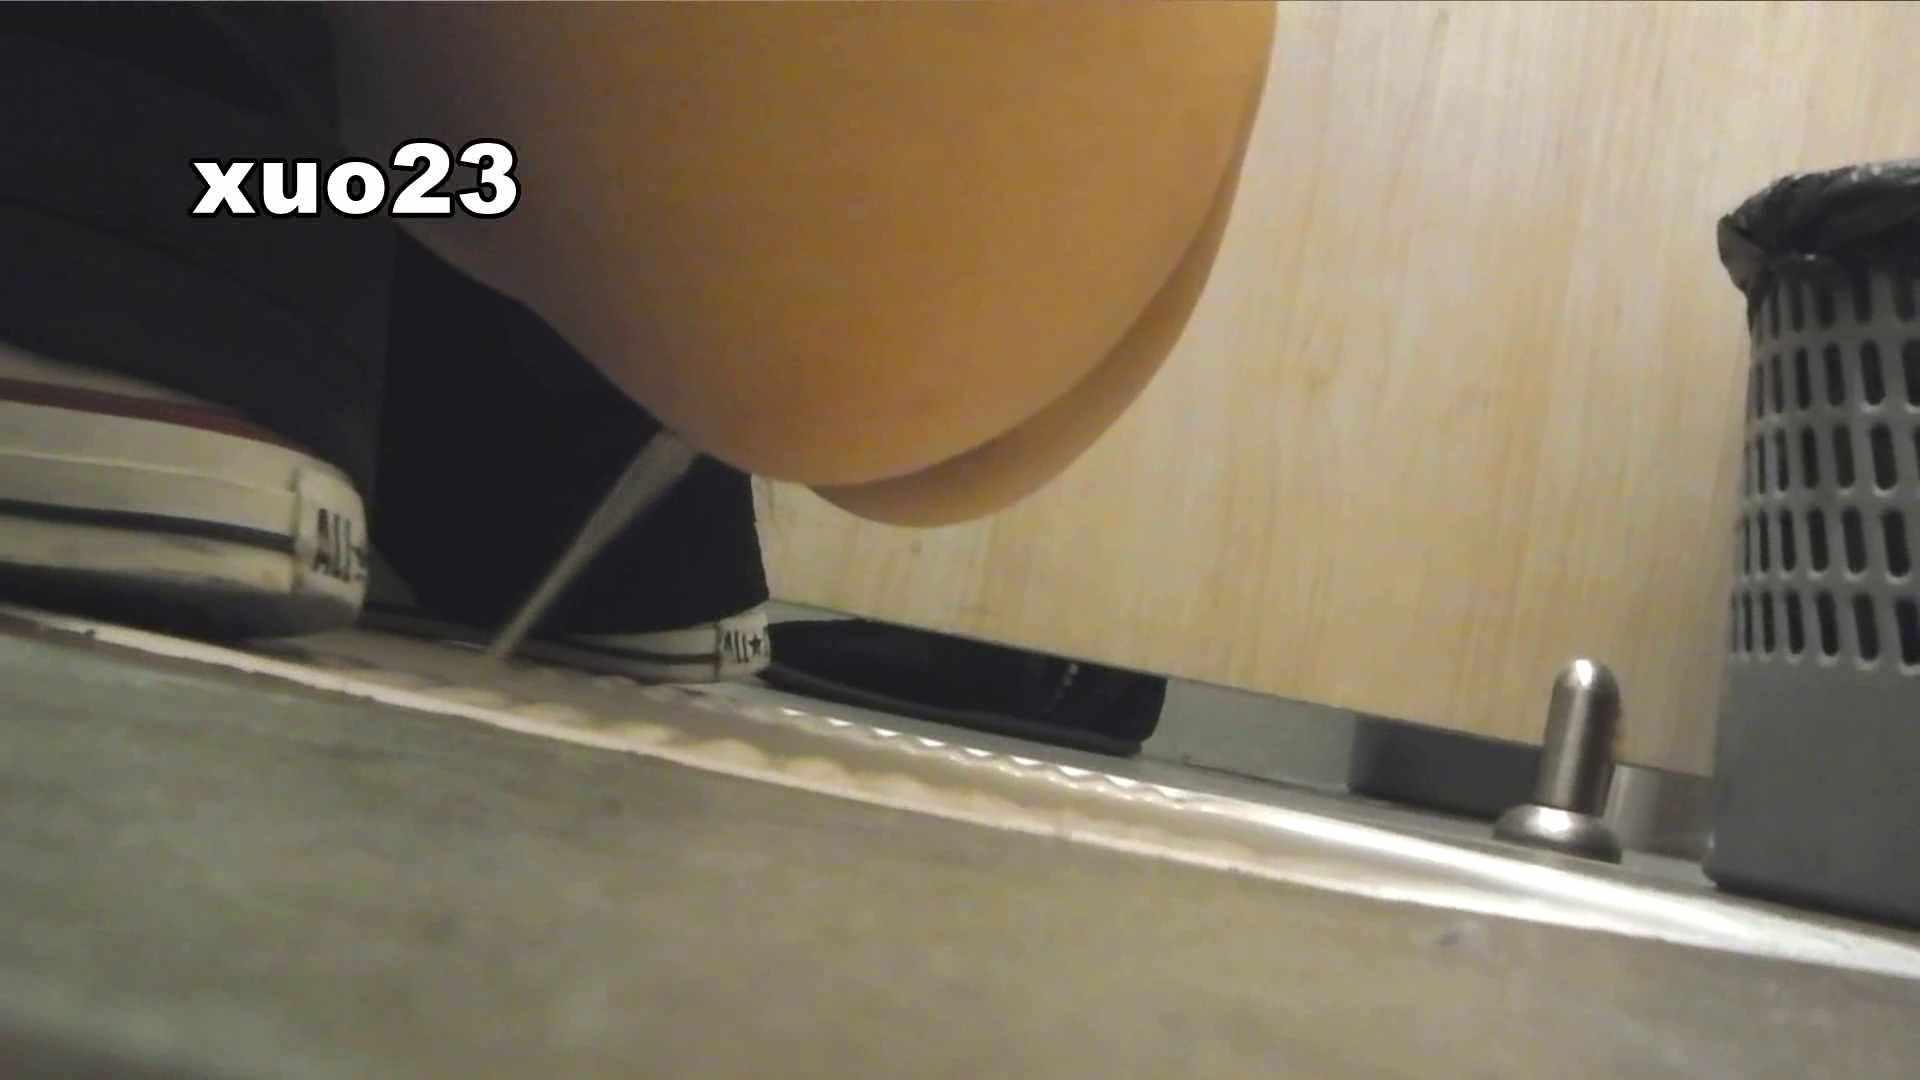 阿国ちゃんの「和式洋式七変化」No.23 飛び出す勢いで大きく8回振ります 洗面所 AV動画キャプチャ 75画像 71